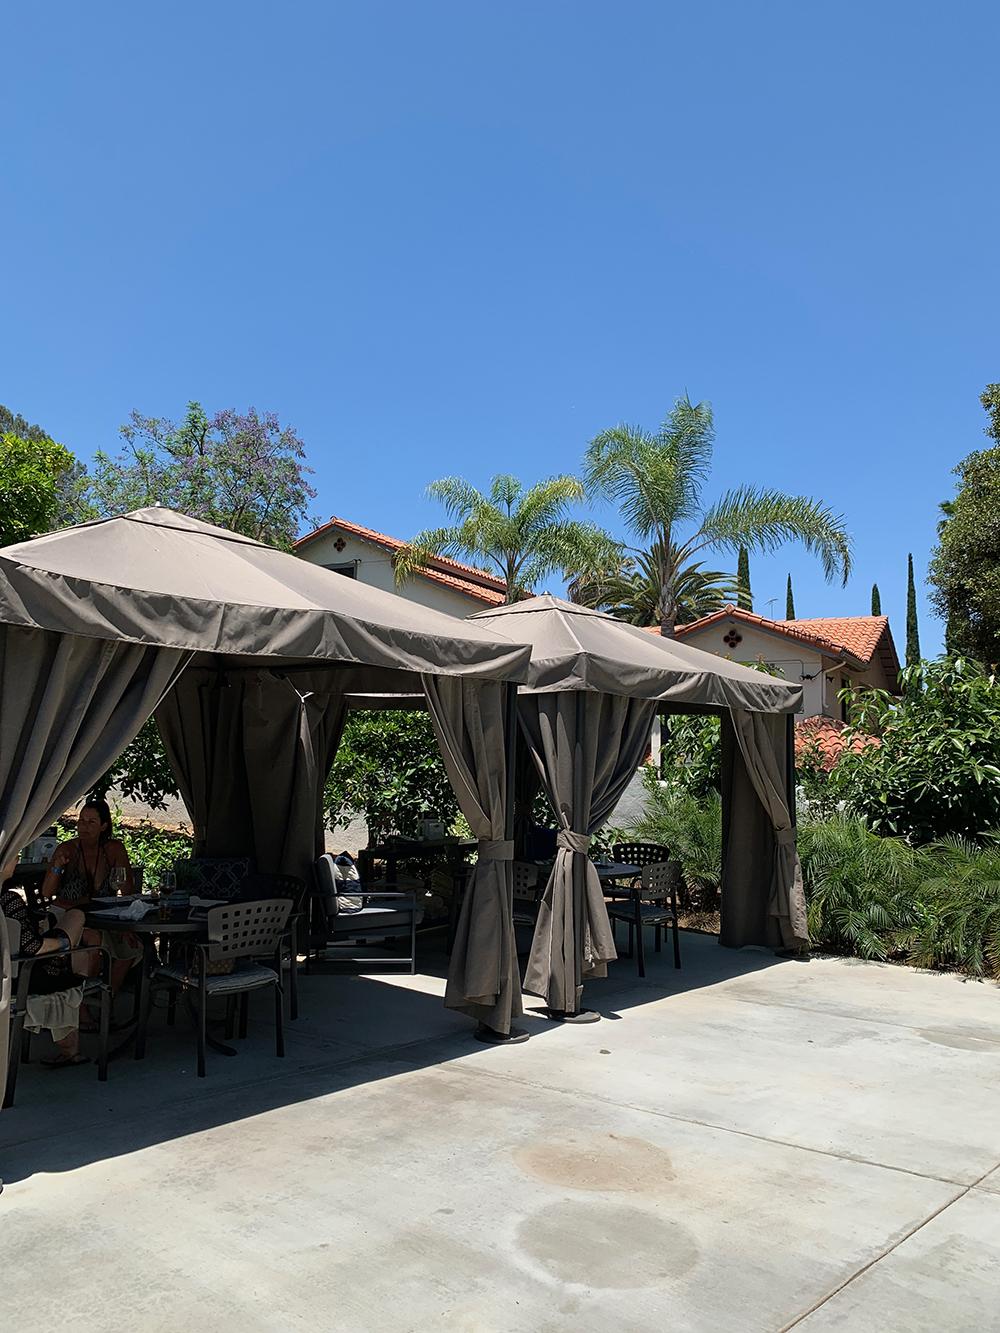 I enjoyed a lunch break under shaded cabanas.